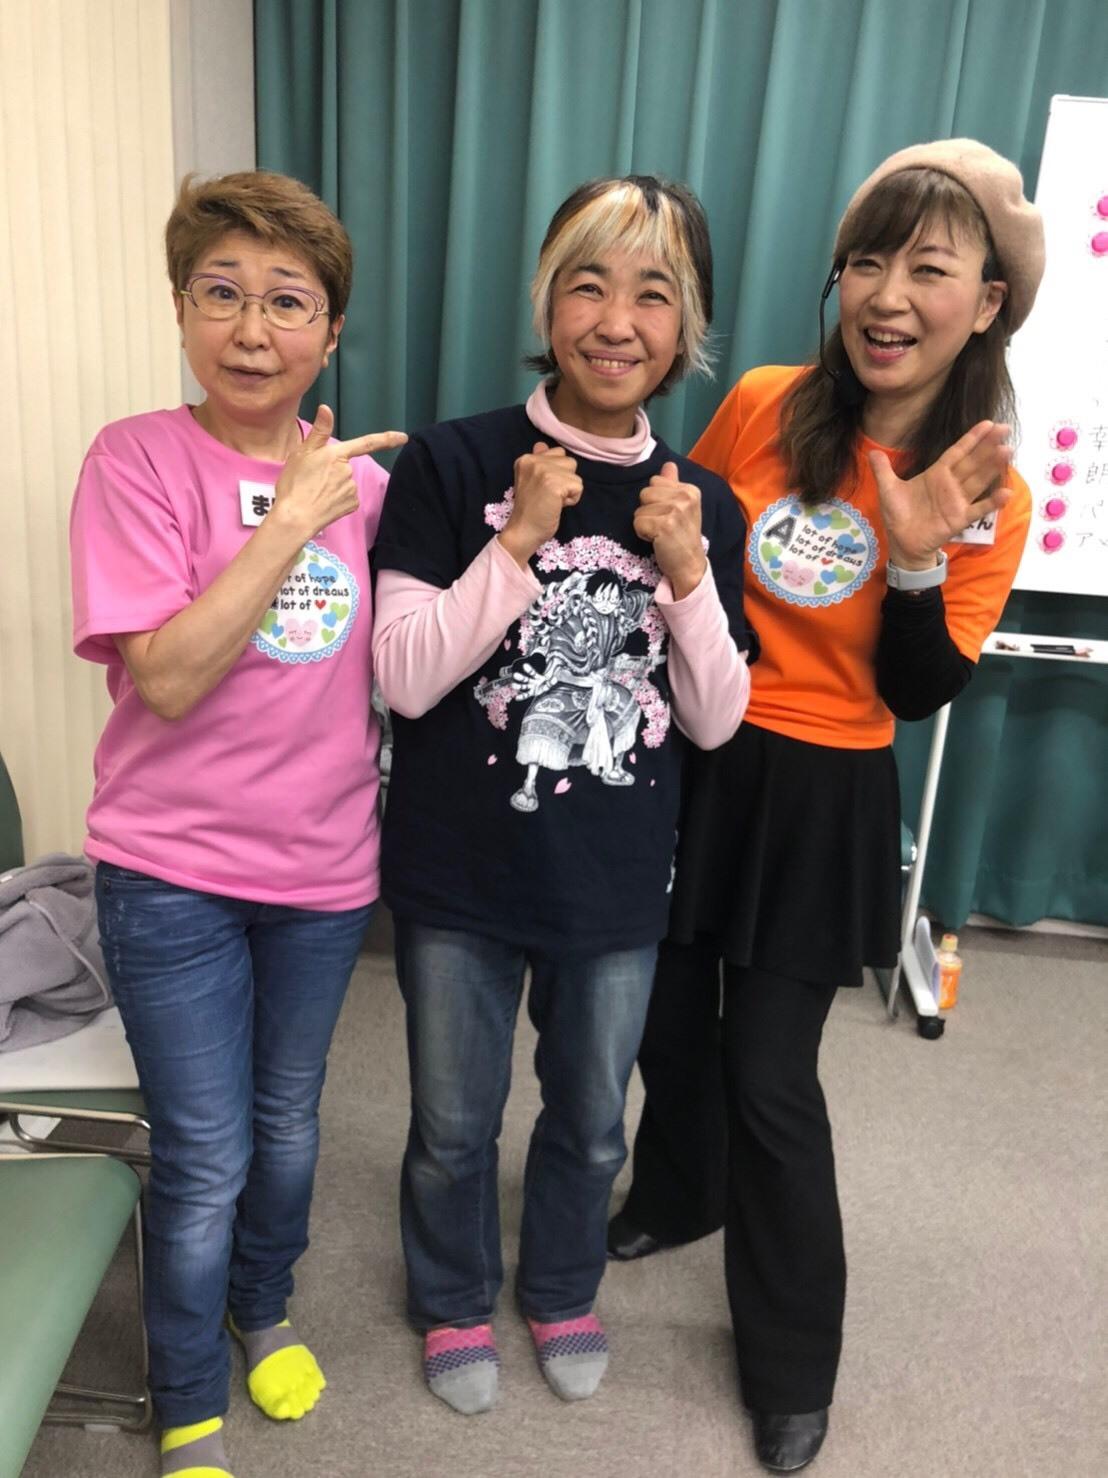 梅川さんの描くワタル達可愛い❤️_a0163623_12253437.jpg